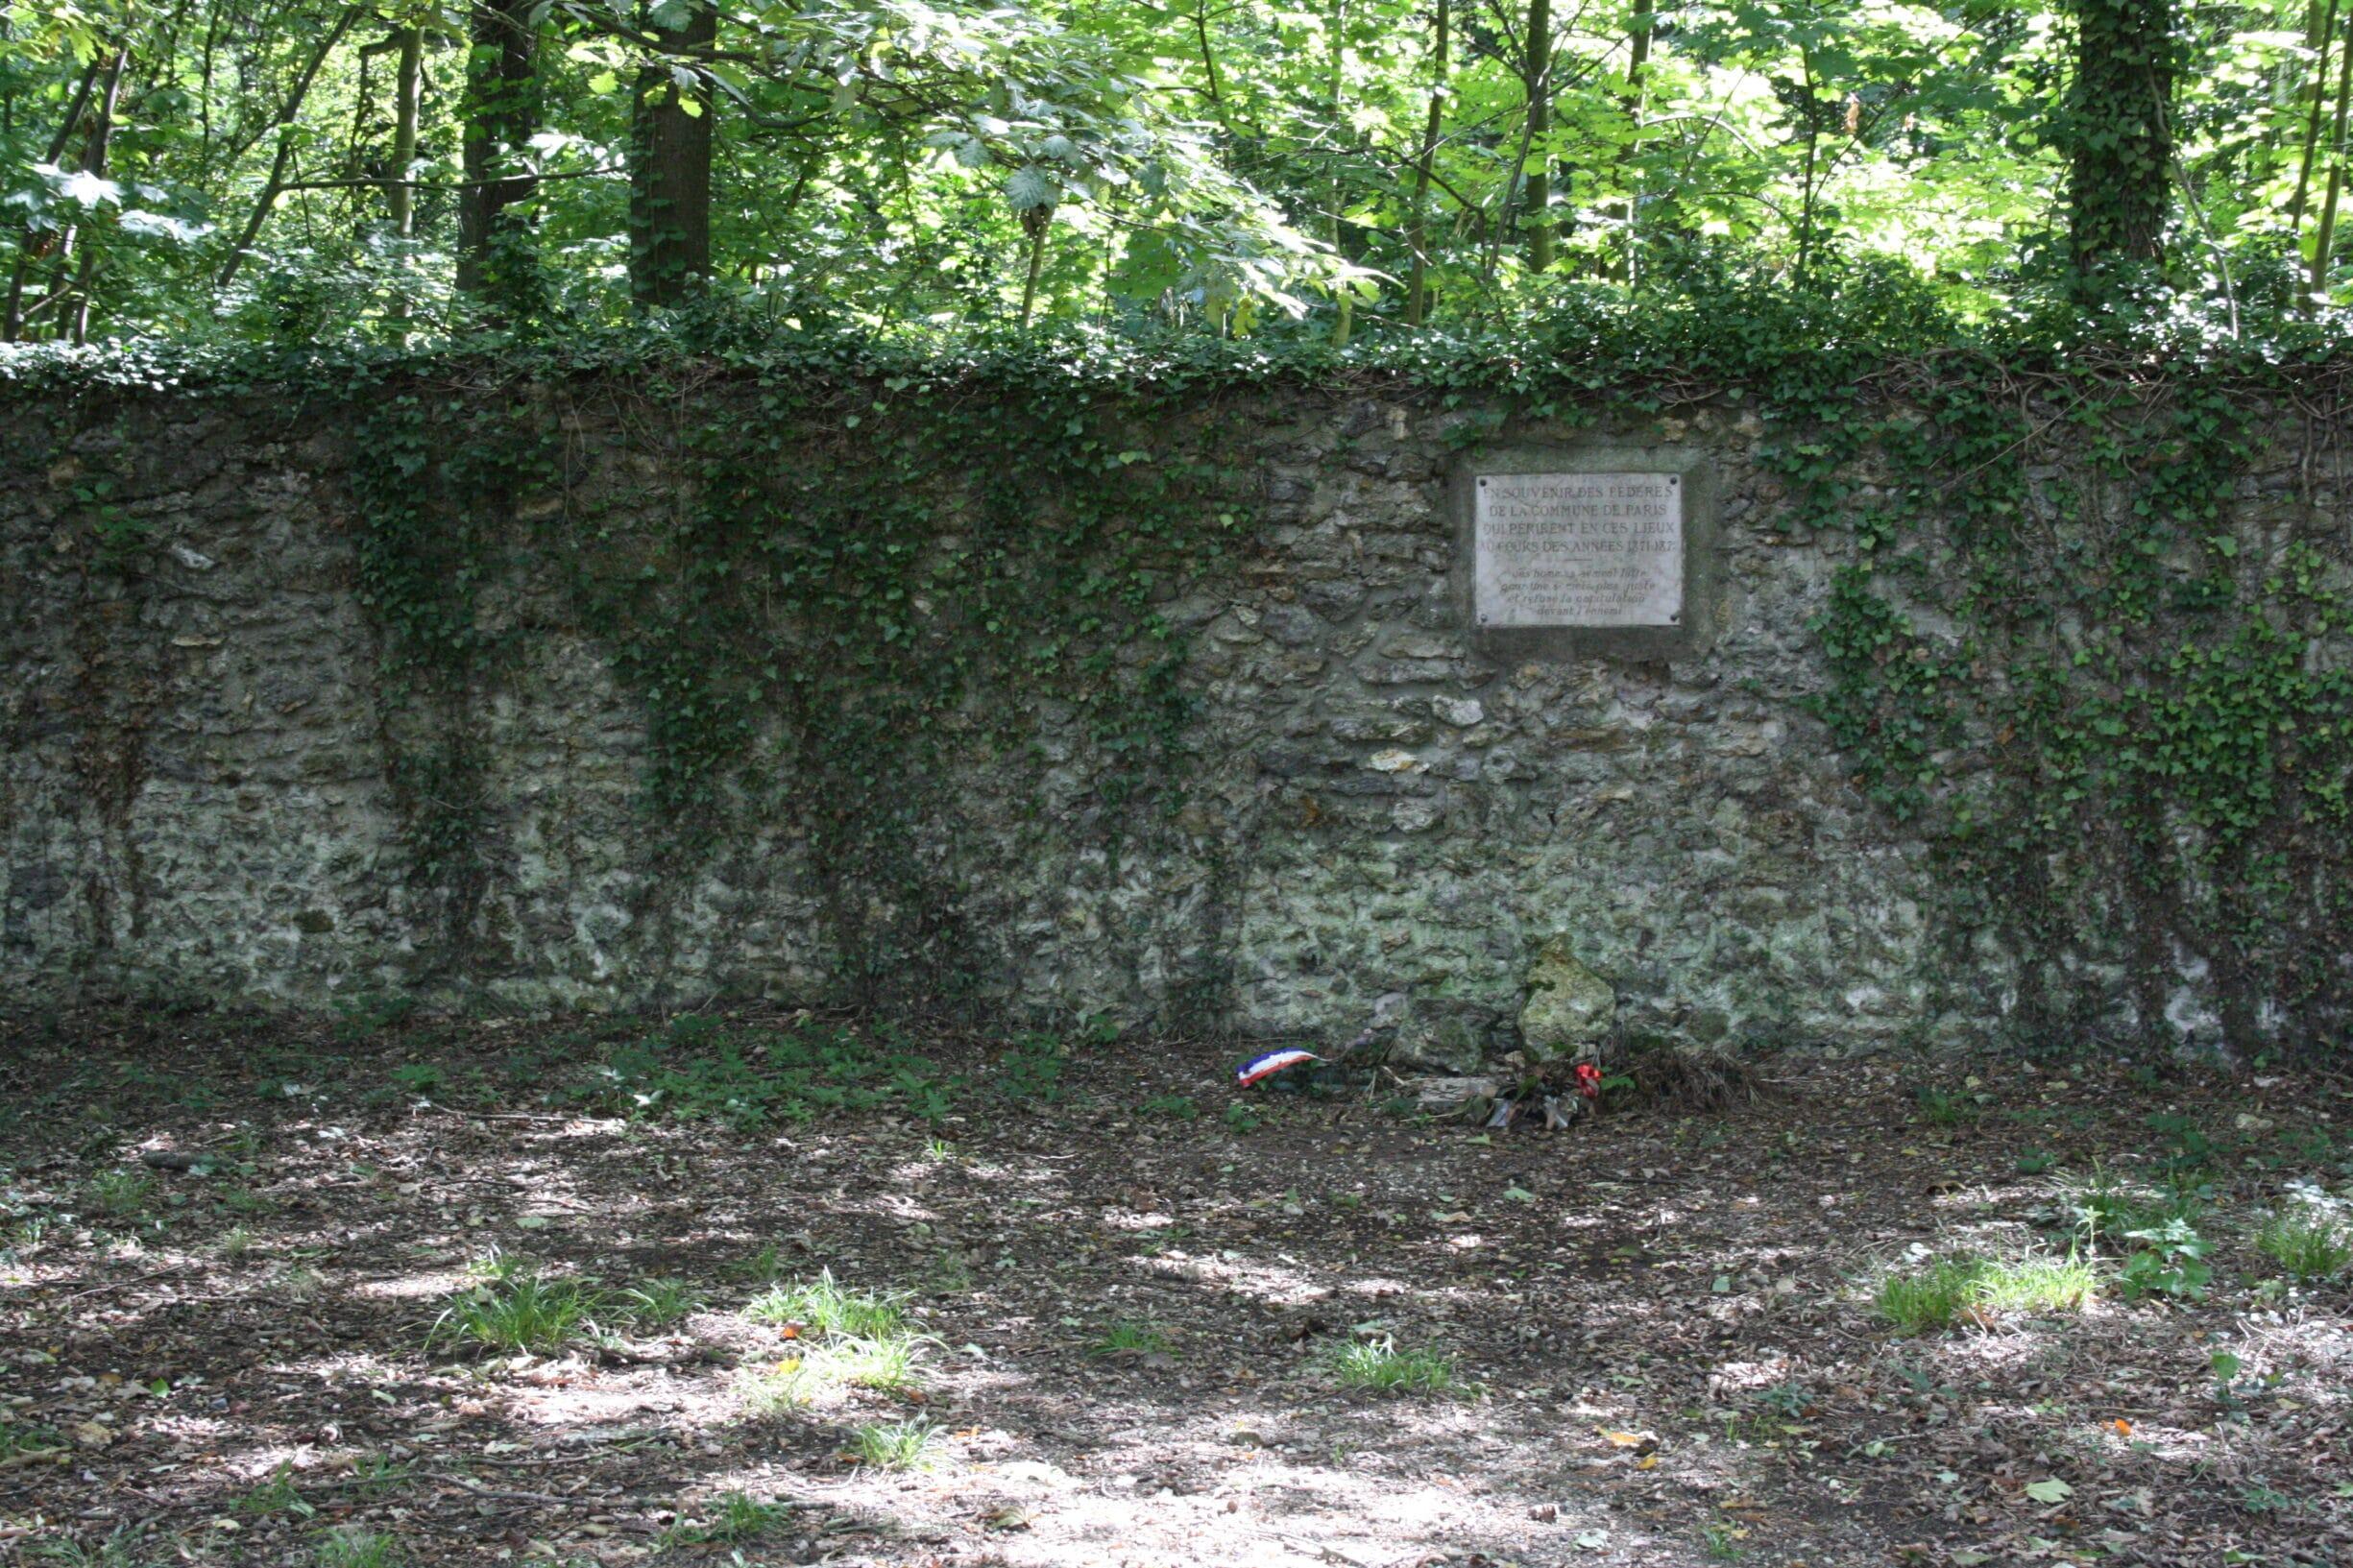 Kommunardernes Mur - Le mur des Fédérés - på Père-Lachaise-kirkegården i Paris, hvor de sidste forsvarere af Kommunen blev skudt. Foto: Taget 14 September 2011 af Lionel Allorge. (CC BY-SA 3.0).